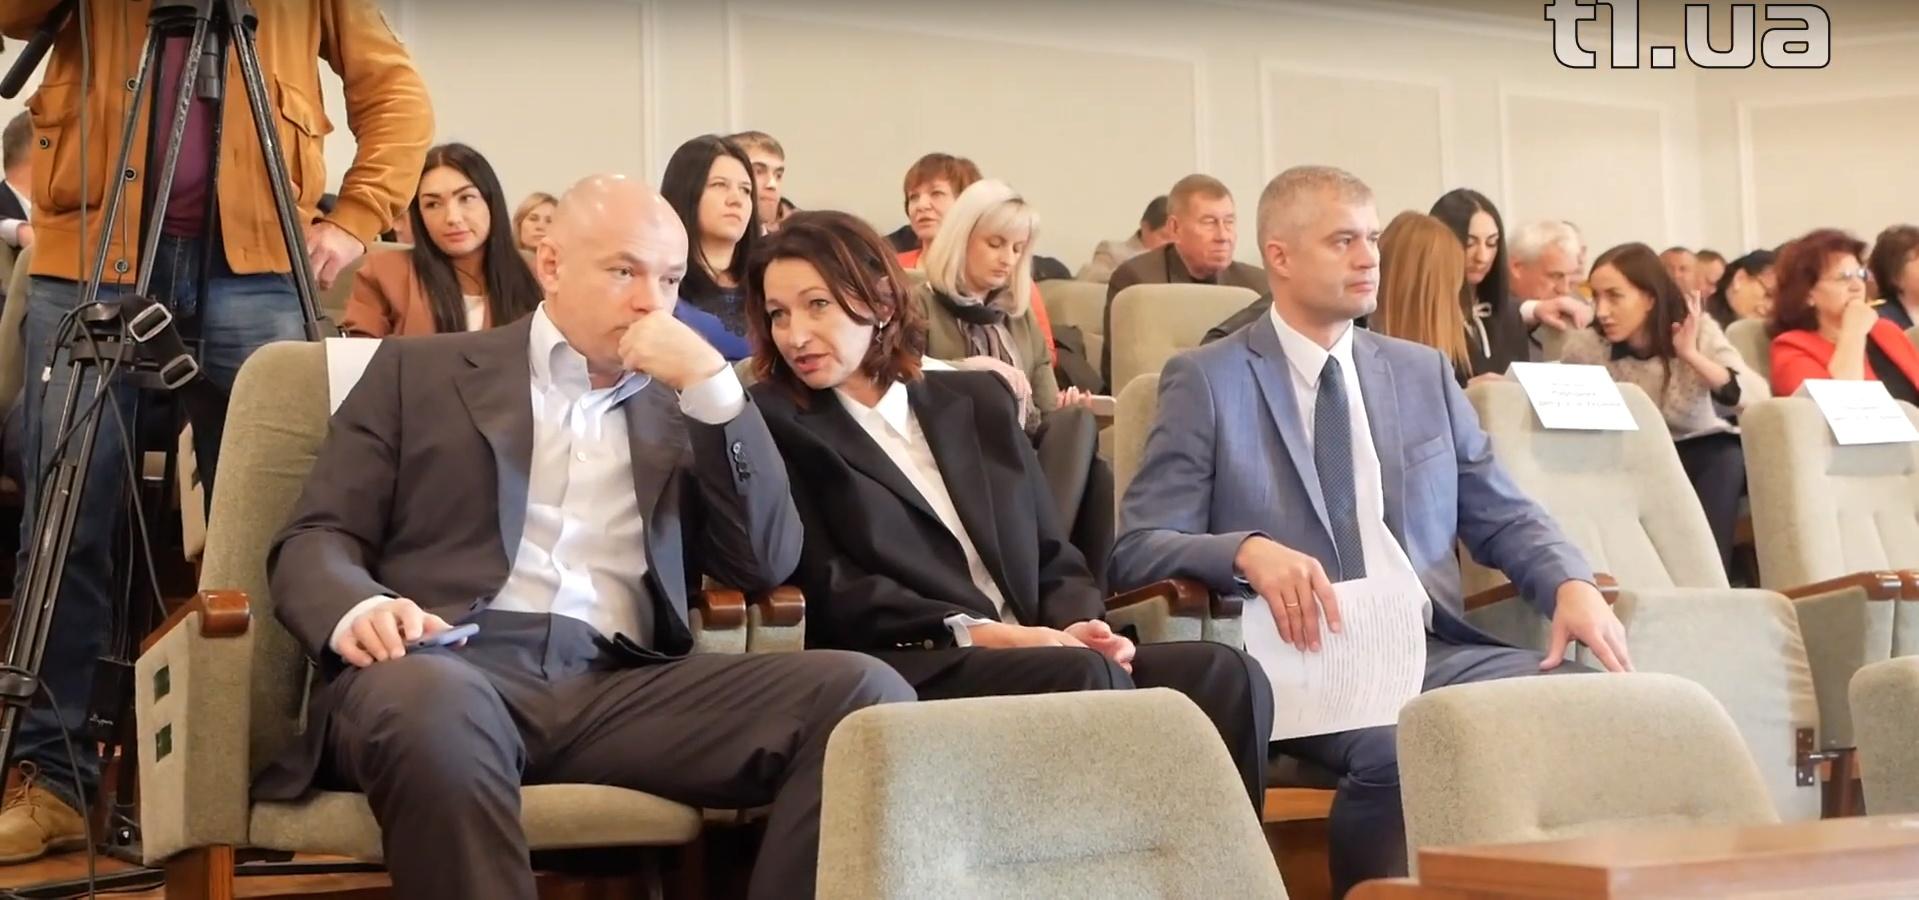 Депутати Волиньради звернулись до Президента щодо «Формули Штайнмаєра» (відео)